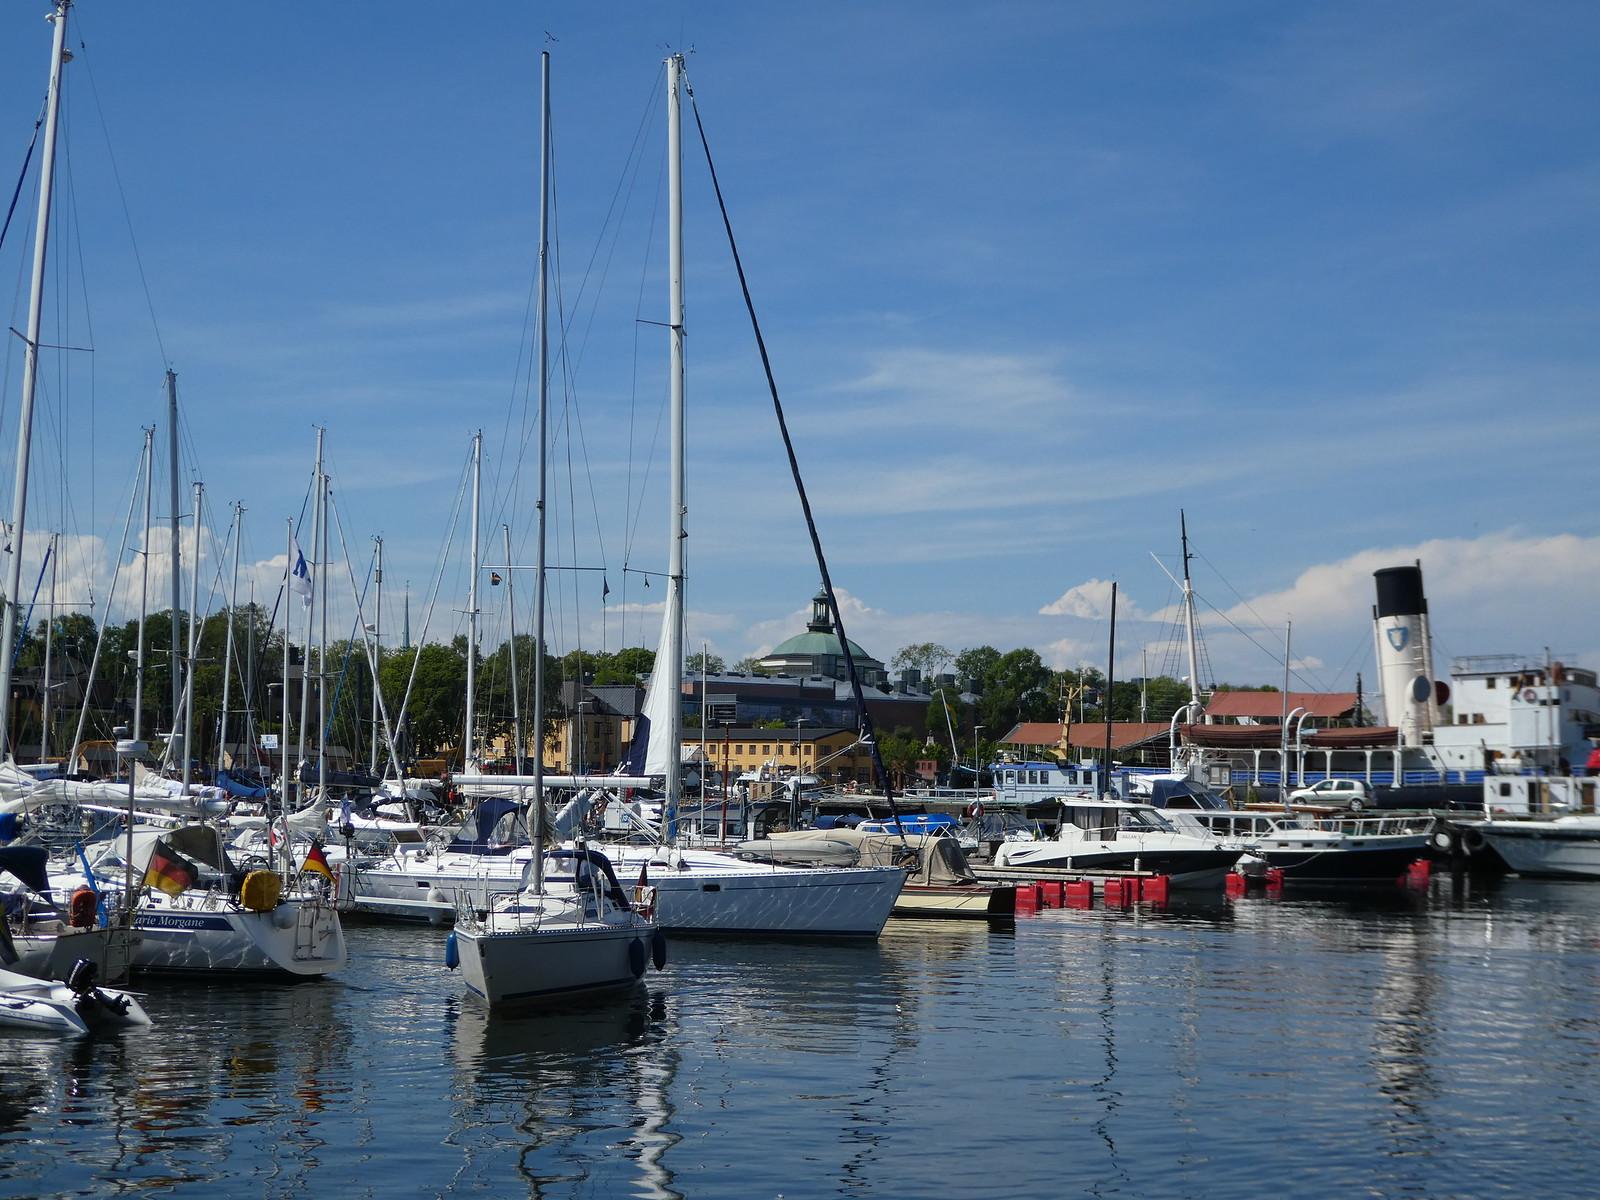 Djurgården waterfront, Stockholm